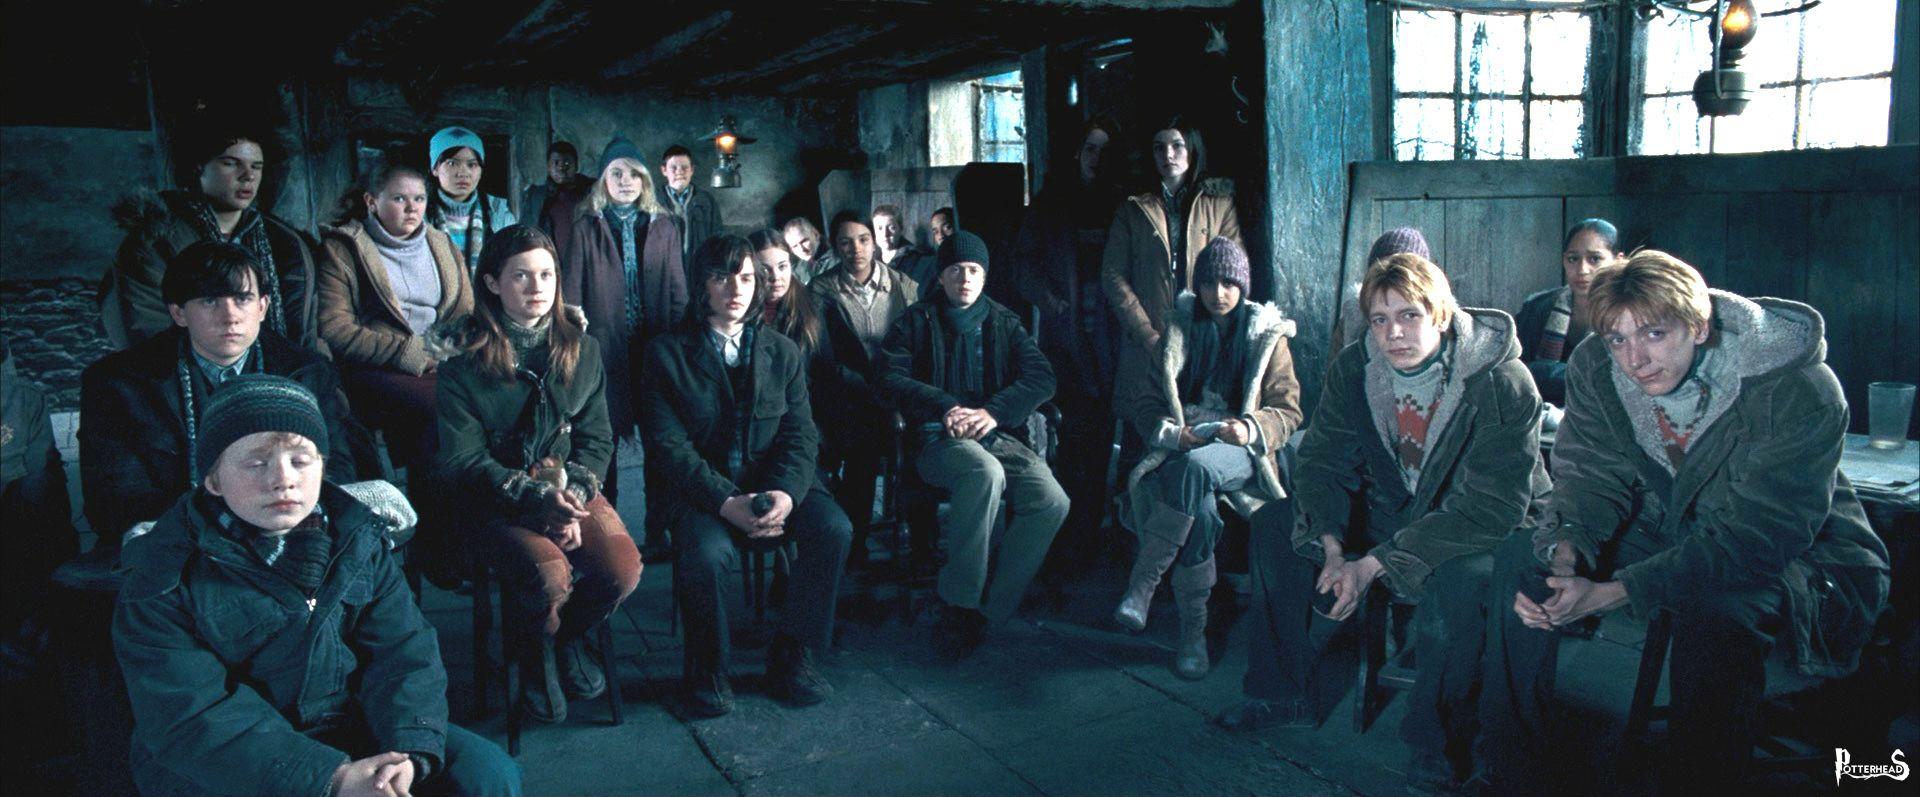 Monete dei maghi Harry Potter - PotterPedia.it